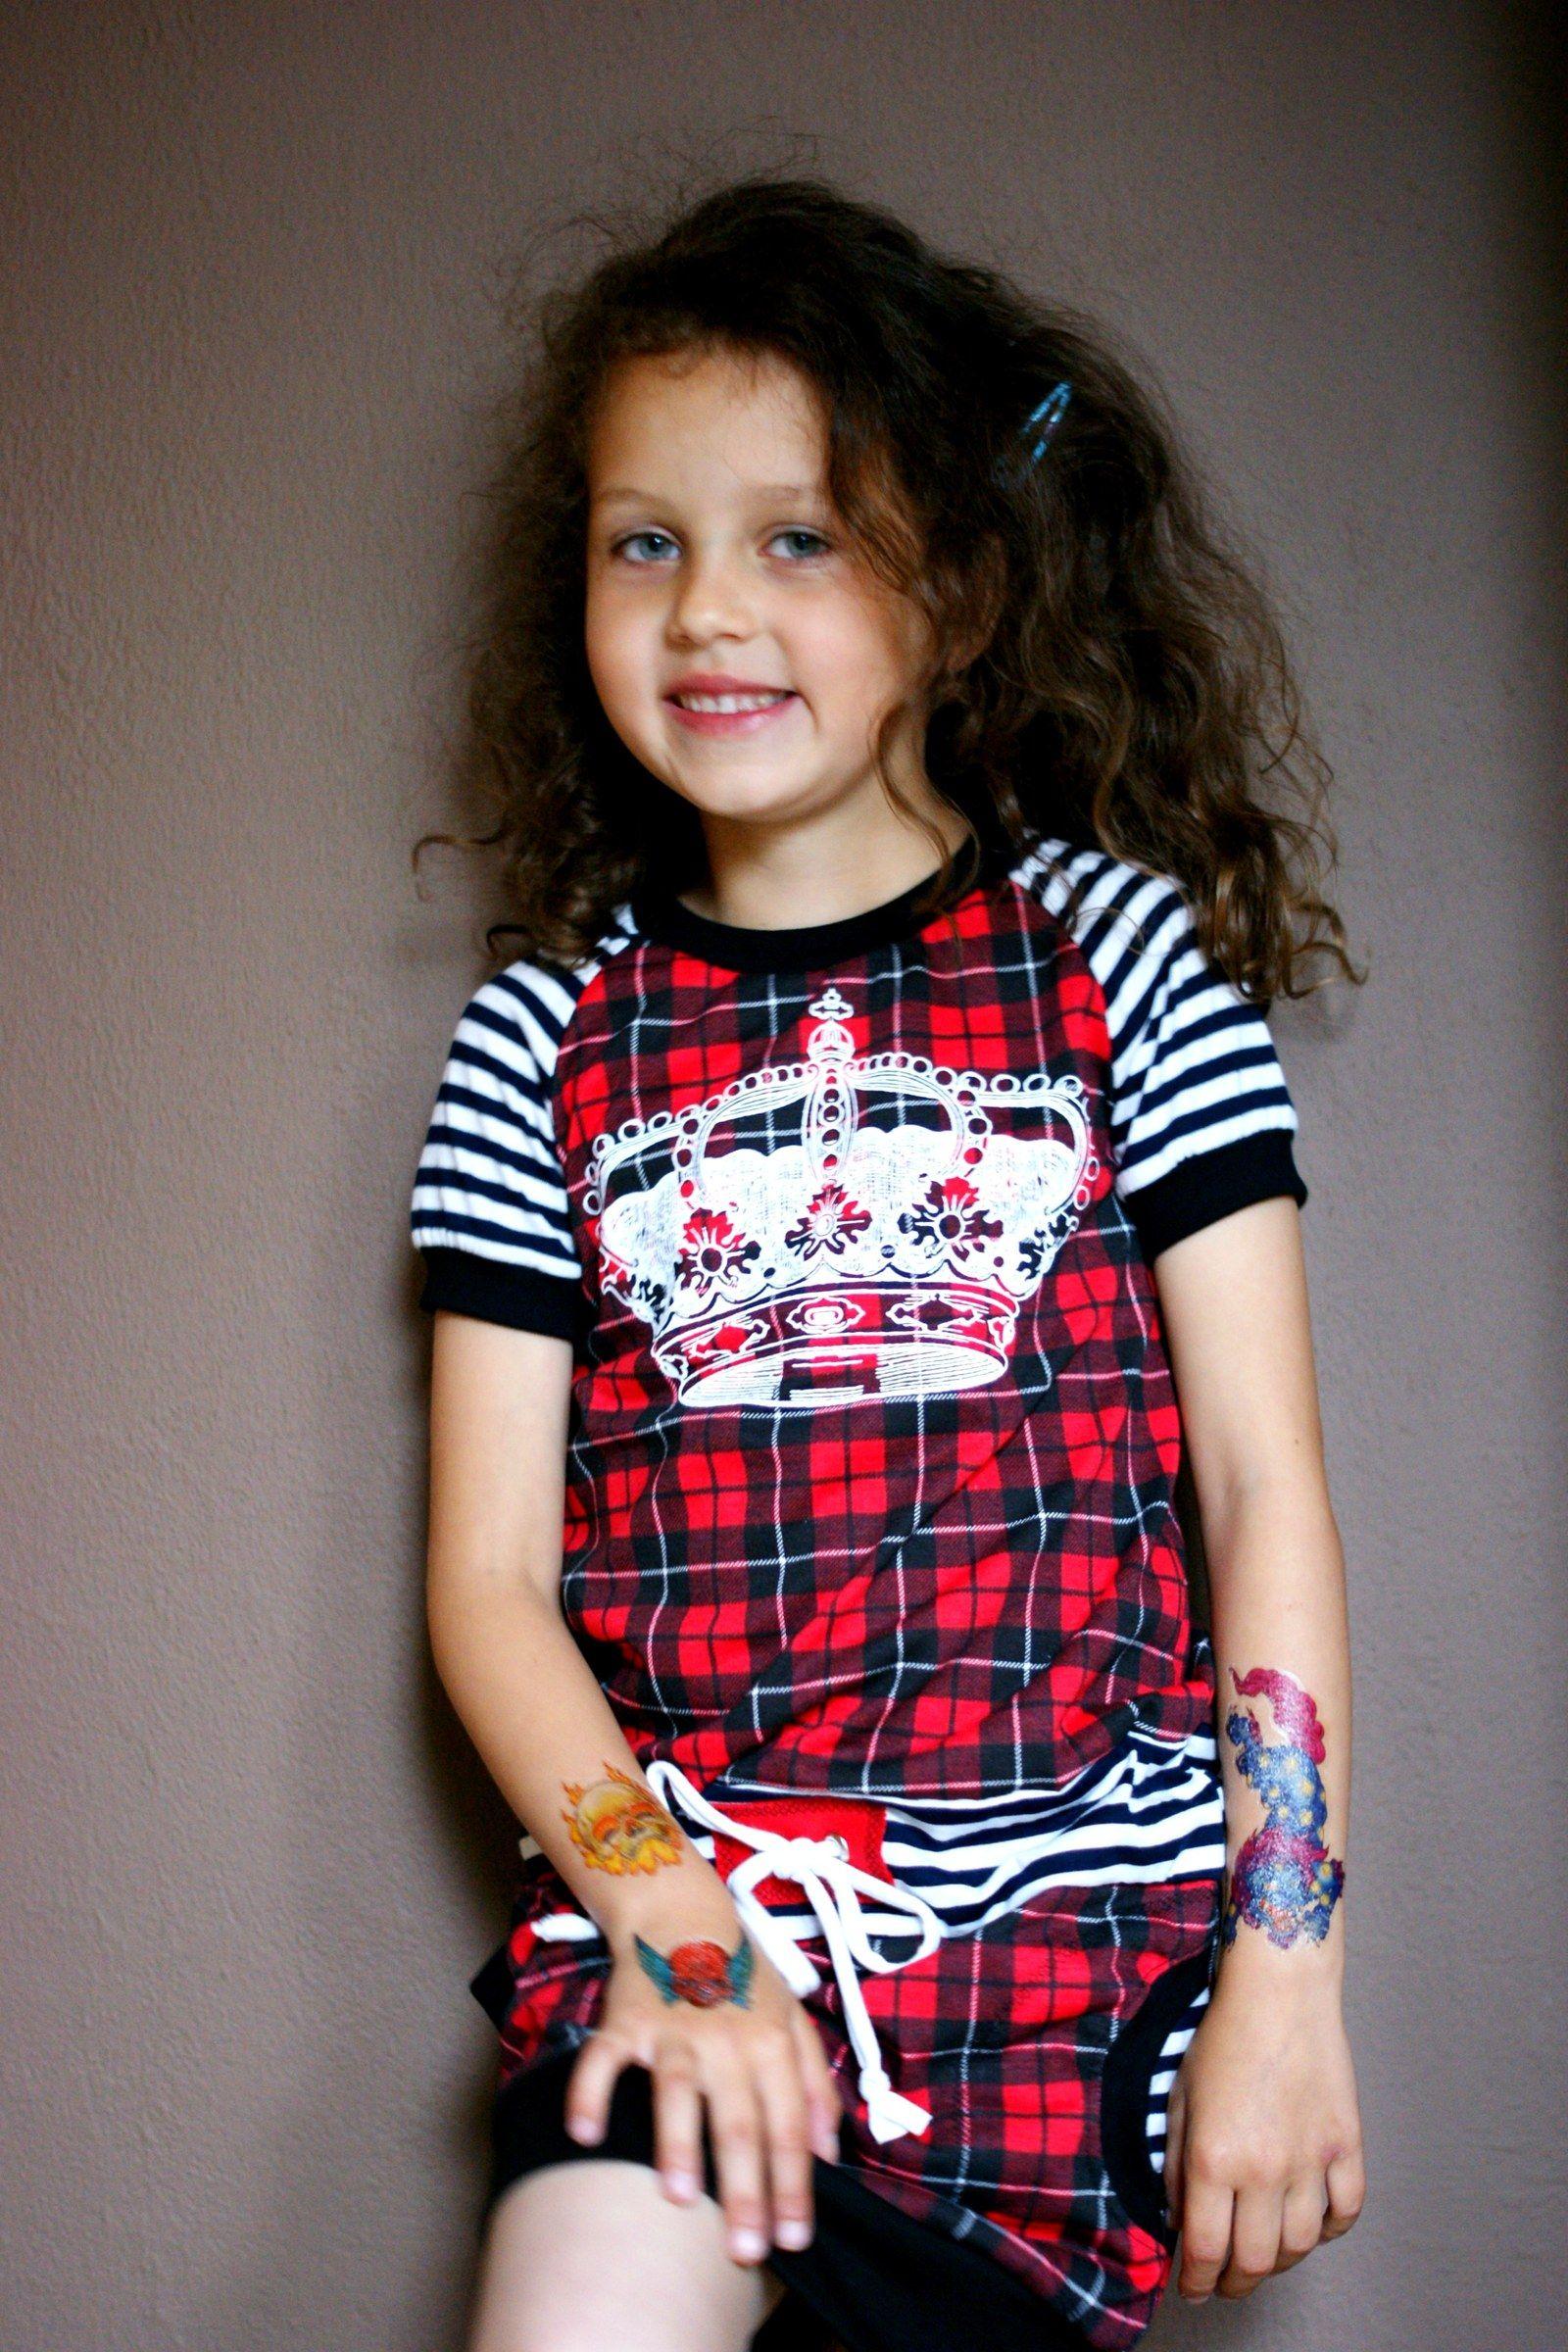 467d3aab83f4 RARA - kárované šaty RARA originál šatičky ! Šaty jsem šila ze zahraniční  100% bavlněné